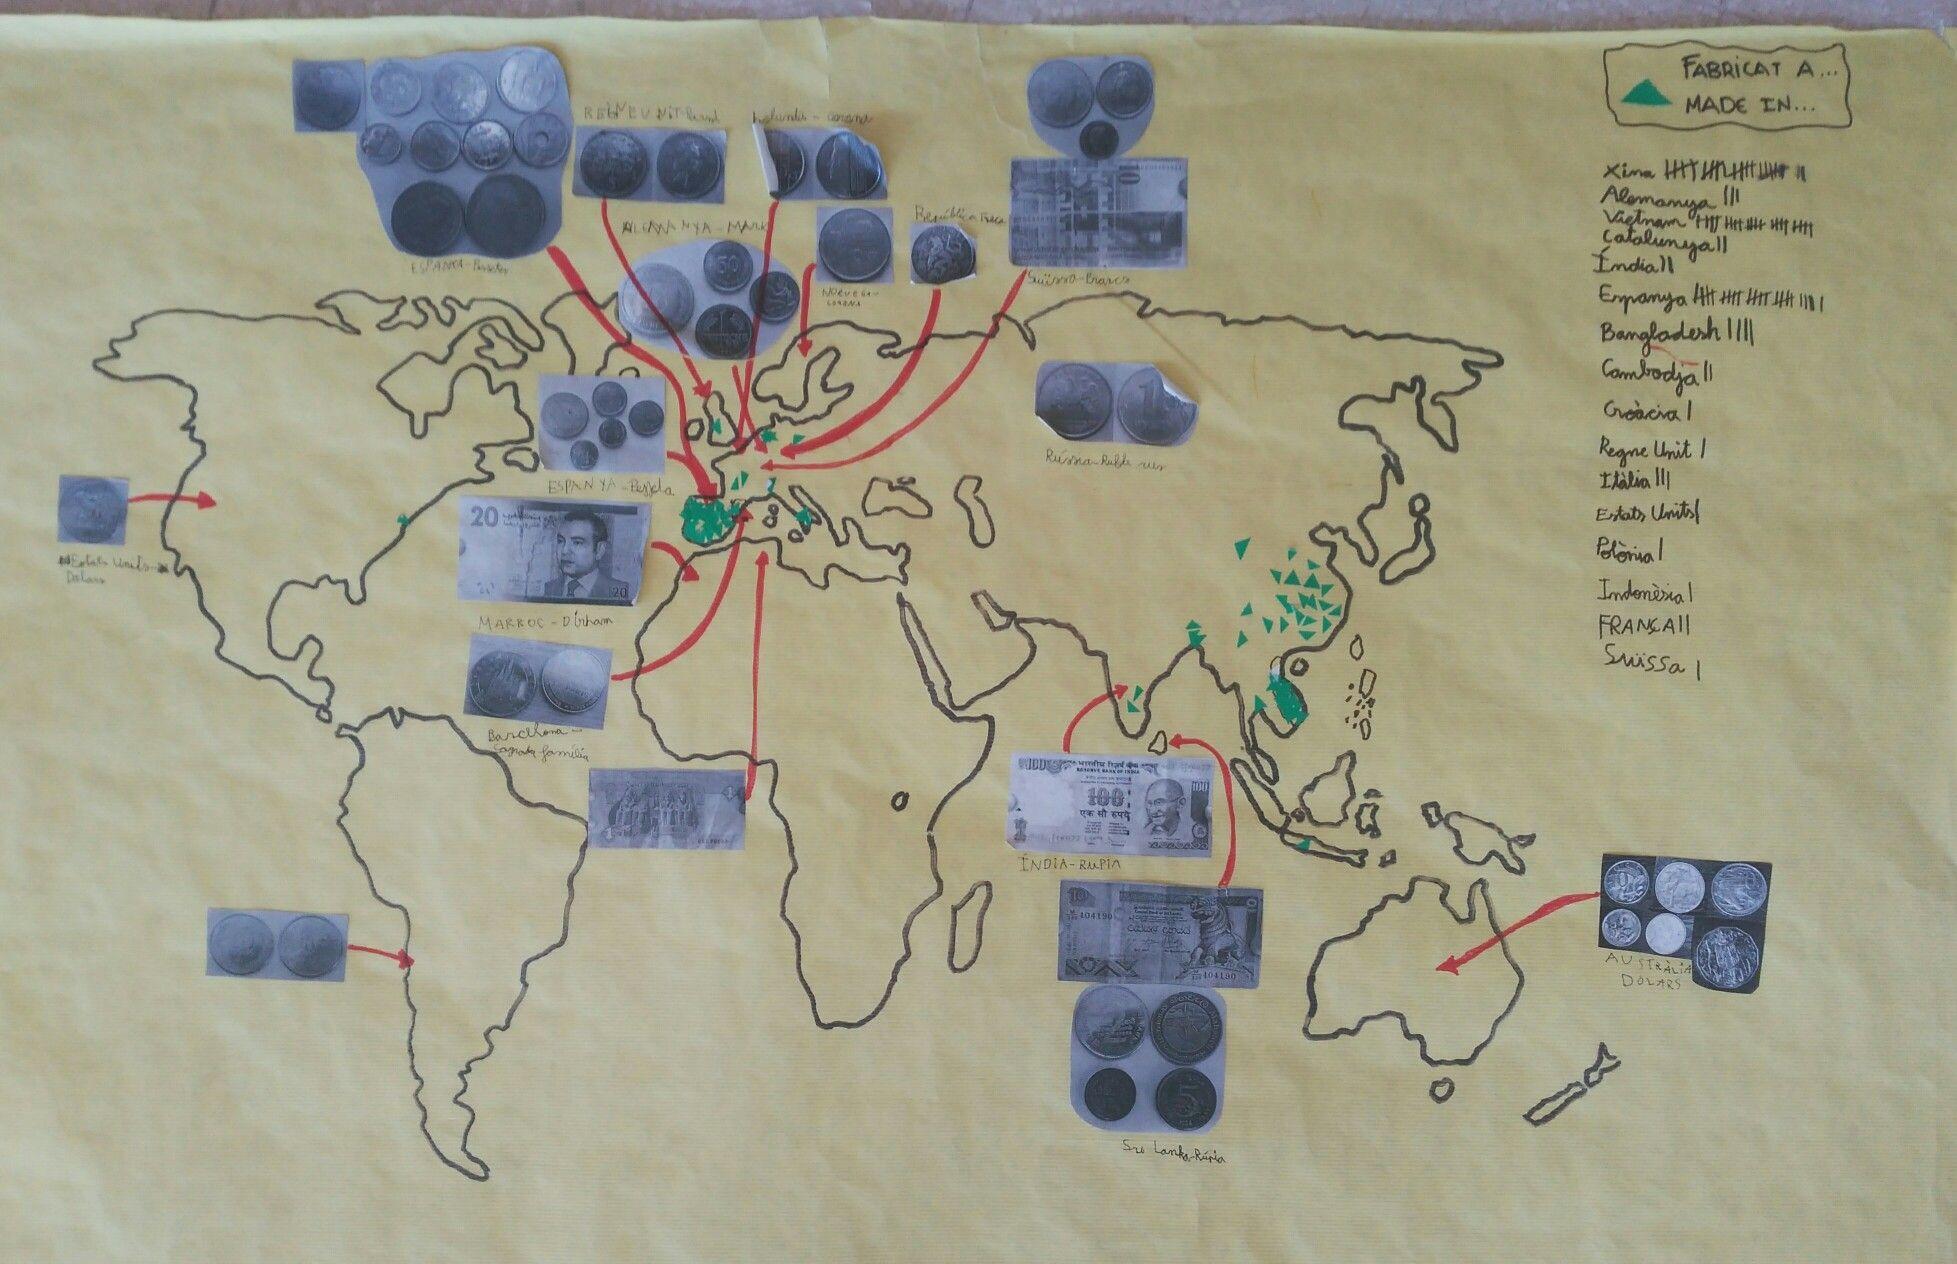 """Mapa món """"fabricat a...""""/""""made in..."""" i monedes del món."""